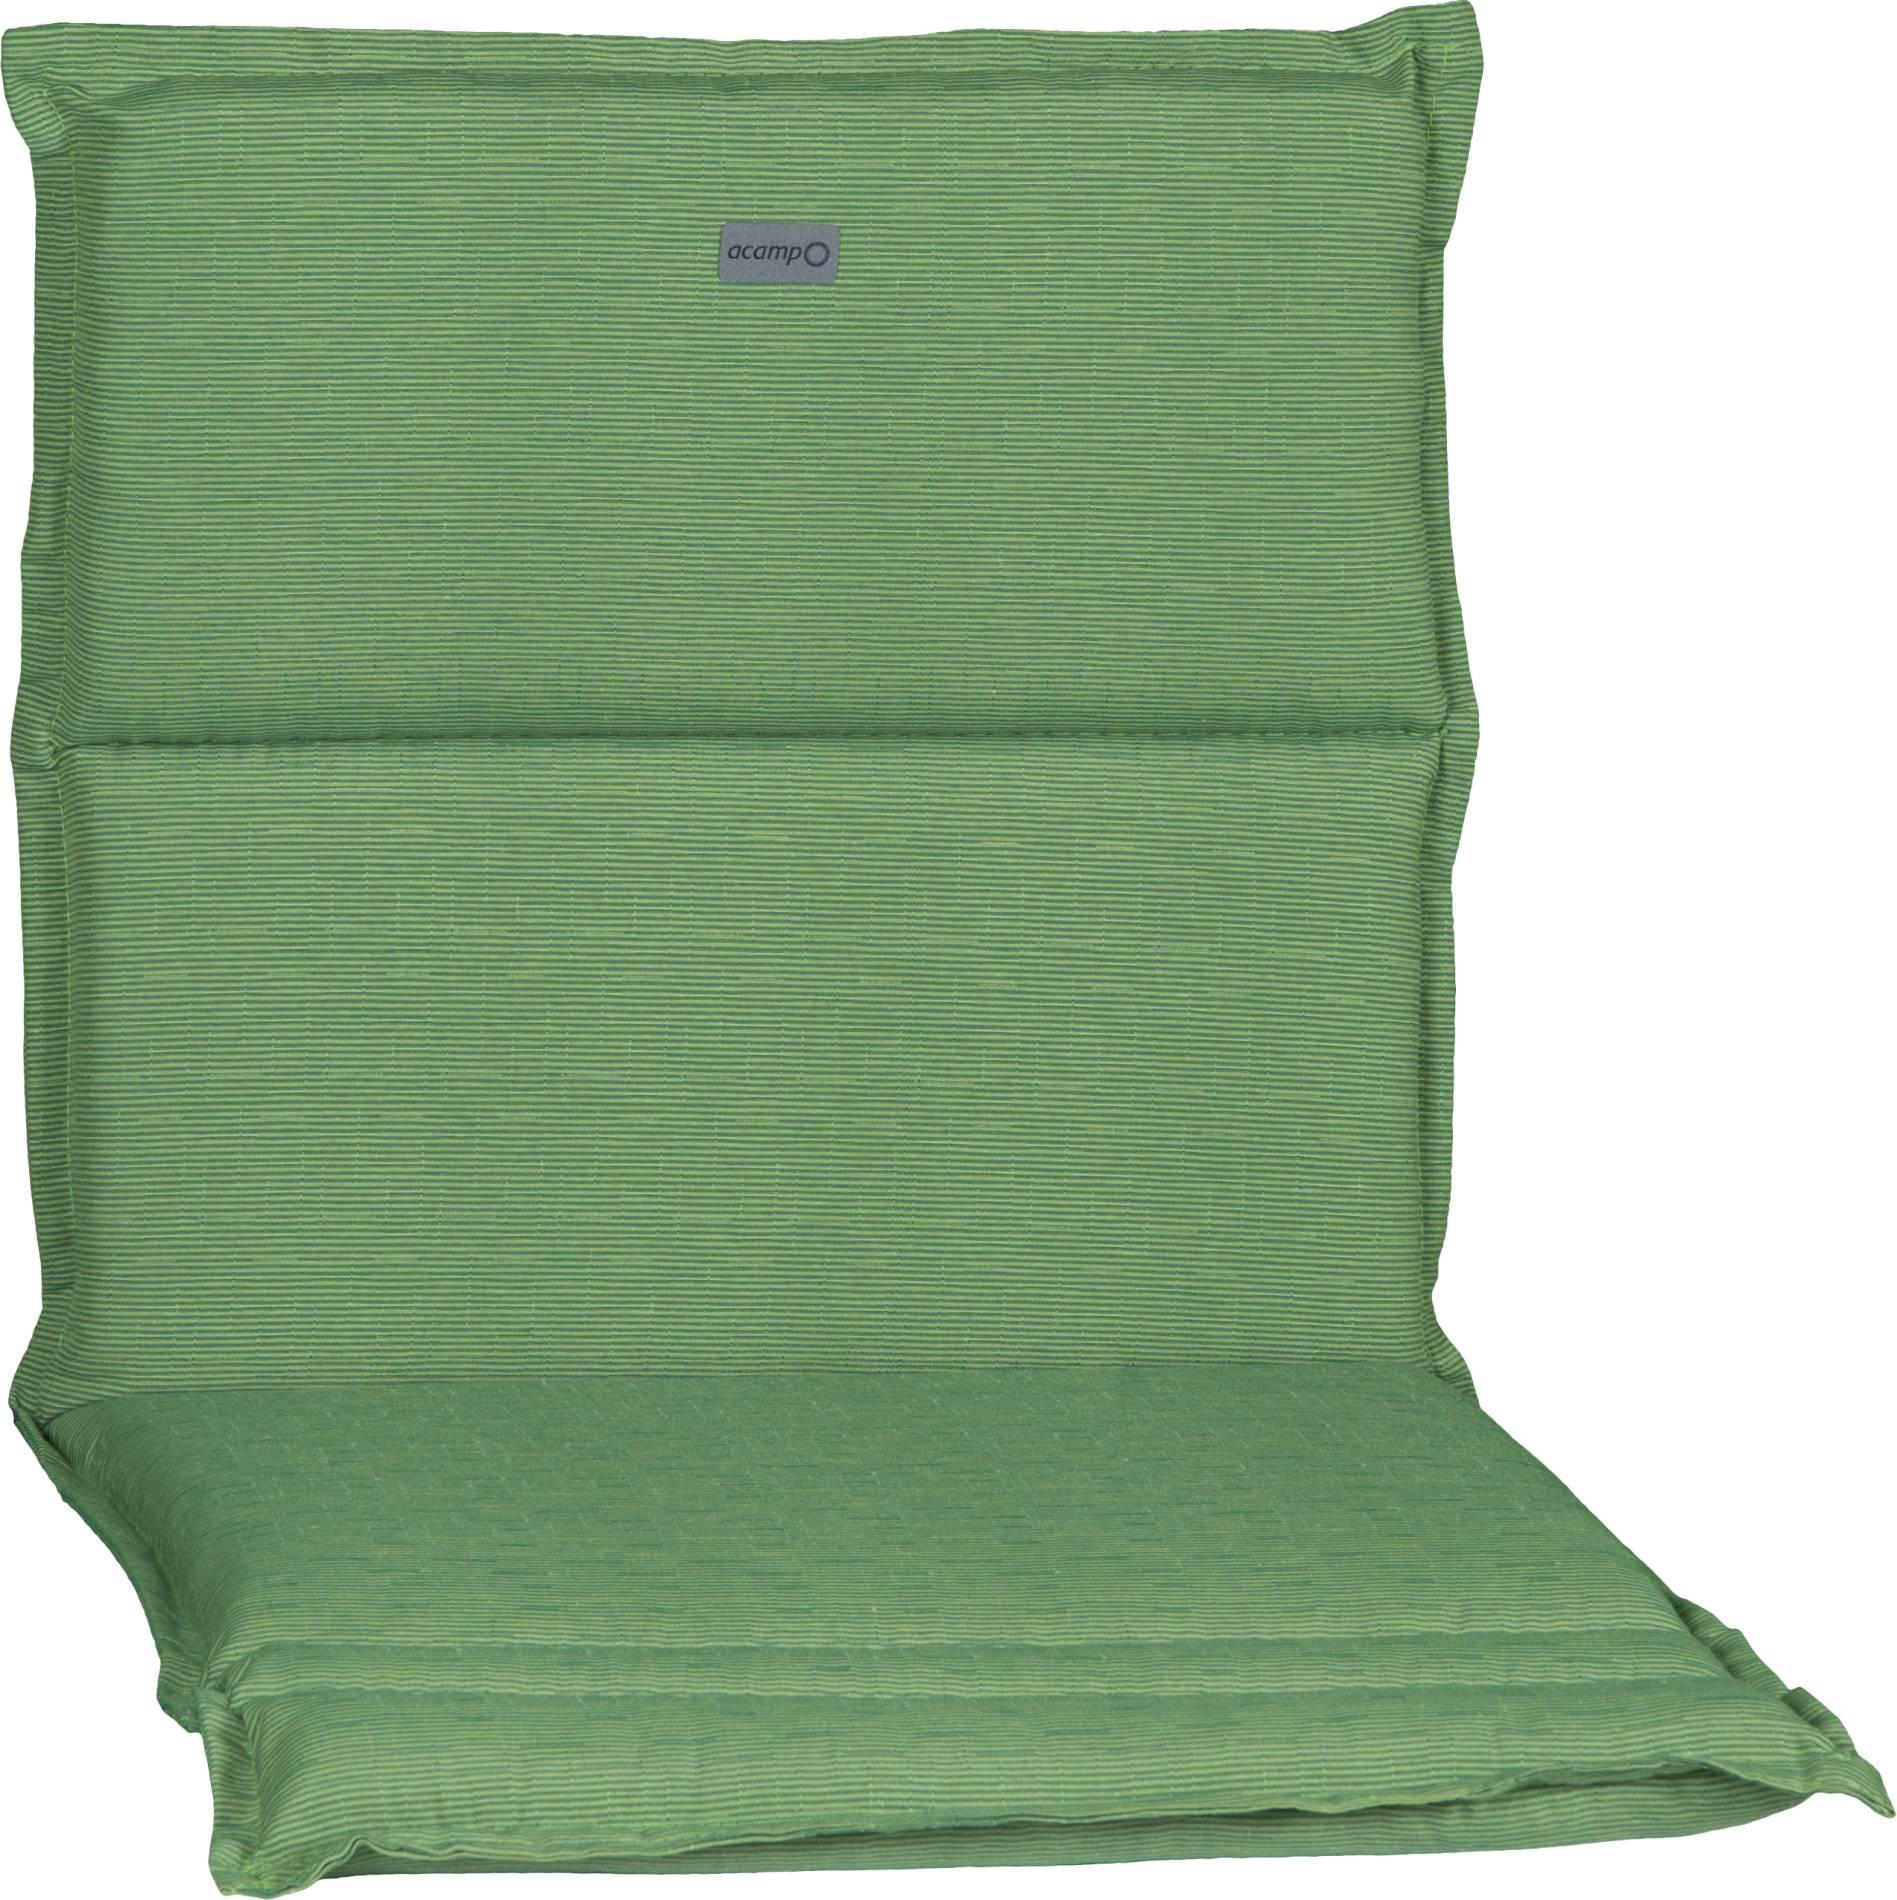 acamp Sesselkissen hellgrün Typ-B 92 x 47 x 4 cm passend für niedrige acatop und albergo Gartenstühle